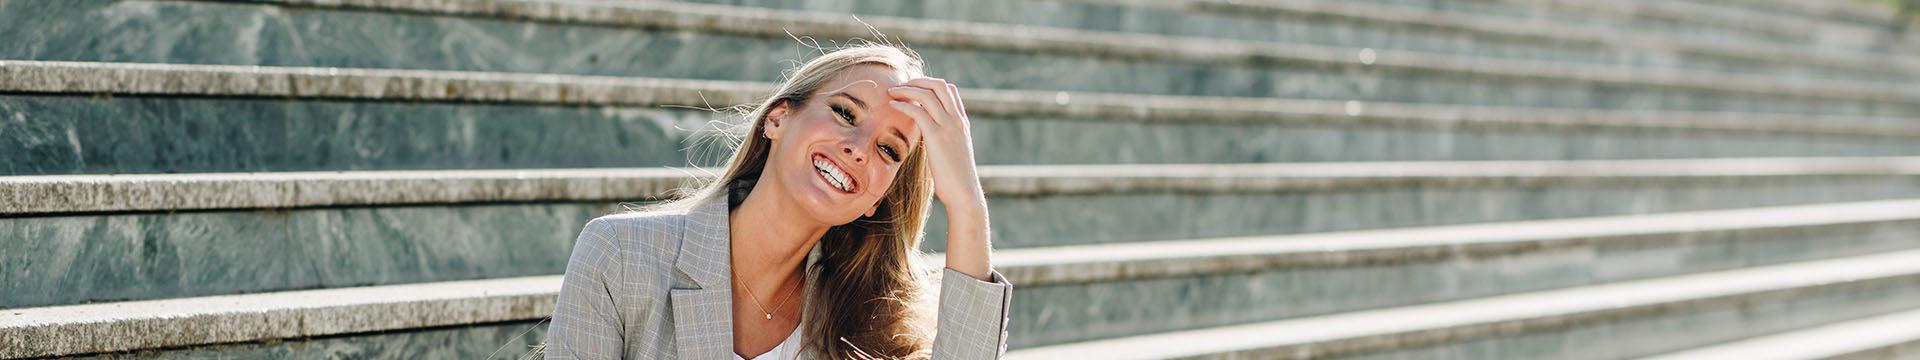 Młoda kobieta siedząca na schodach uśmiechająca się